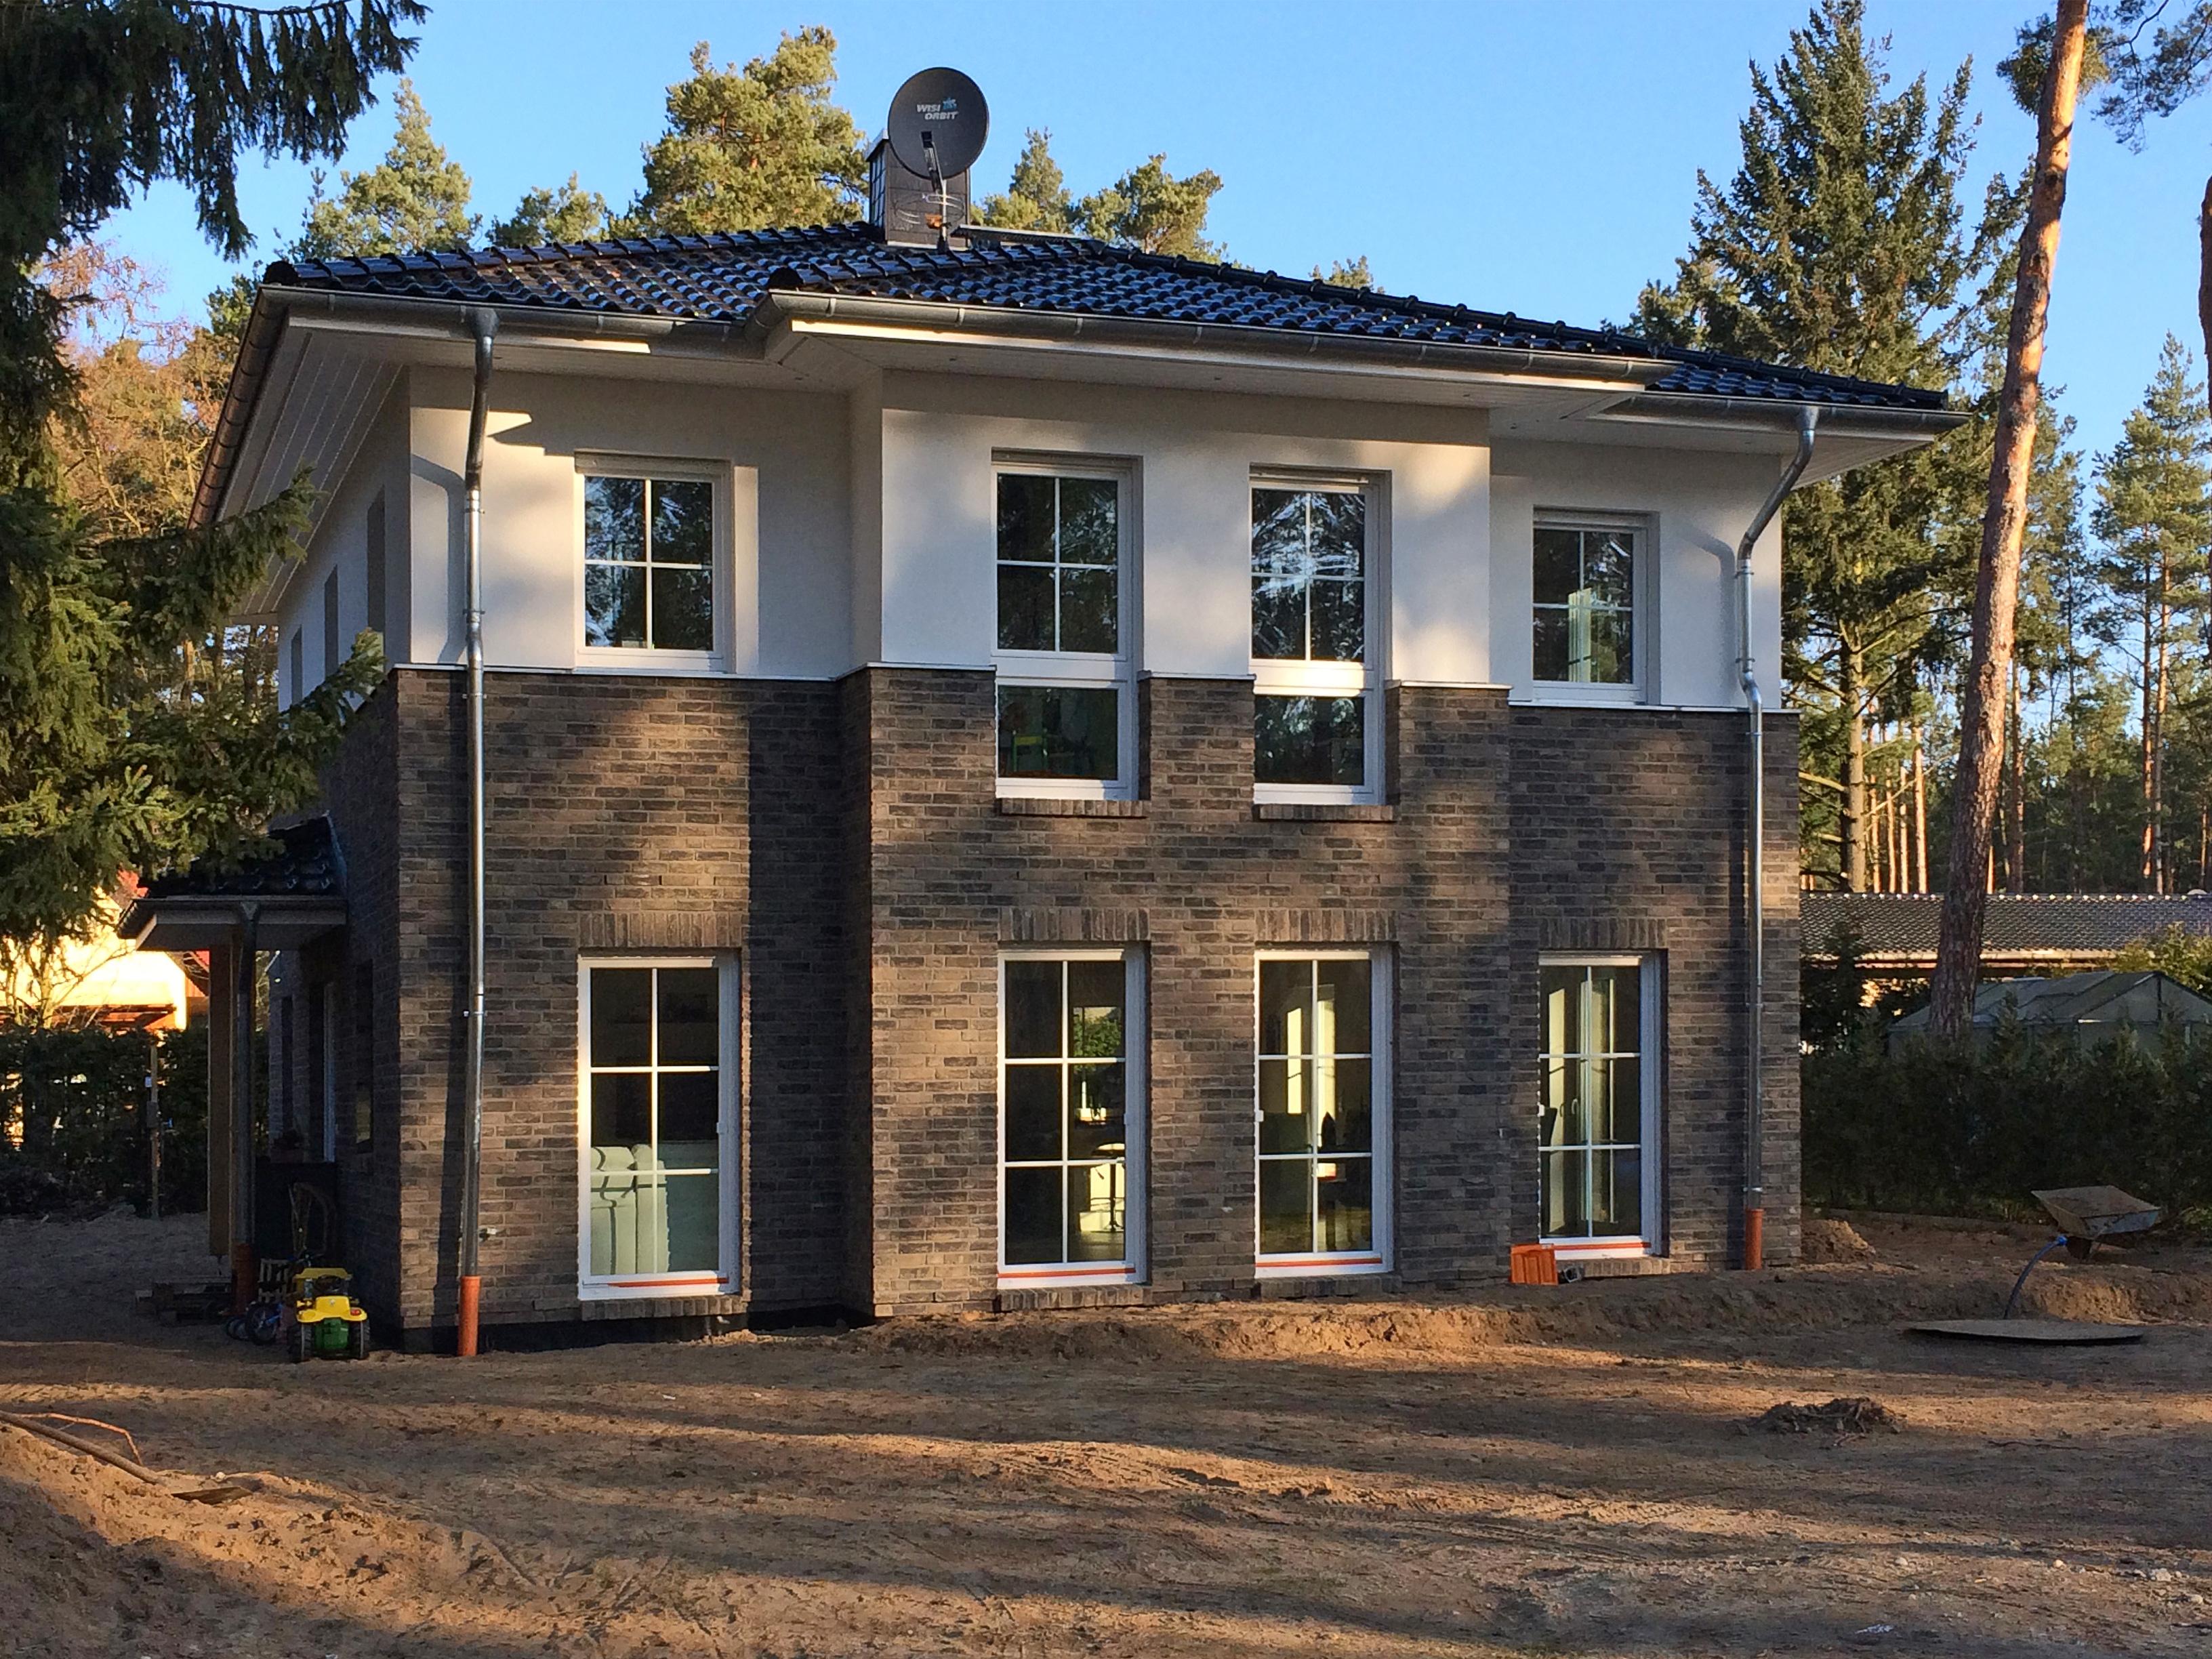 Stadtvilla Landhausstil modernes wohnen auf dem land hausbesichtigung am 17 18 oktober